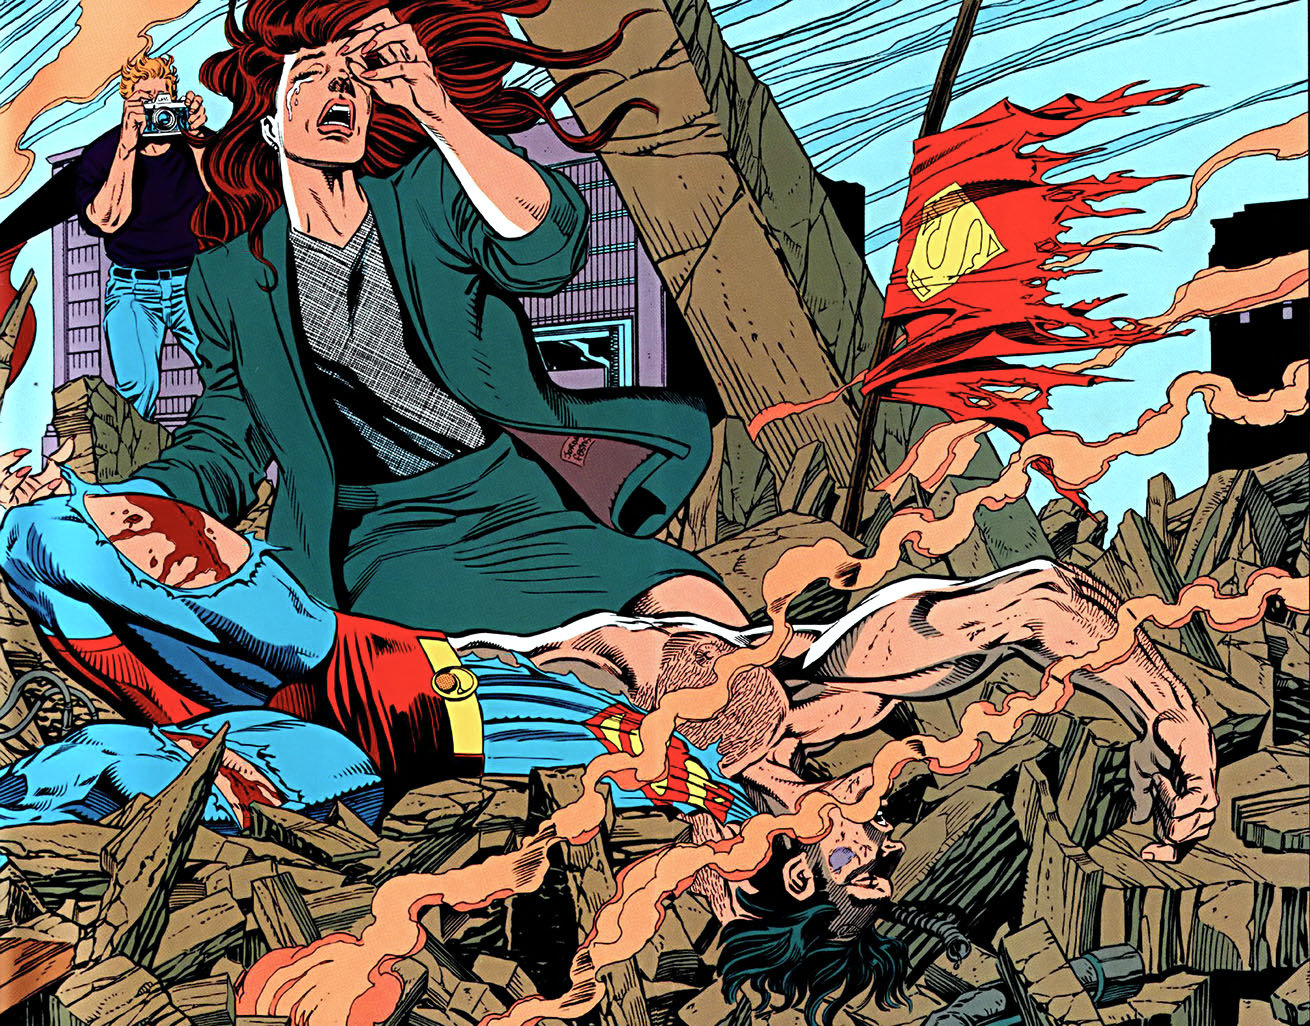 esquadrão-suicida-comparação-hq-quadrinhos-filme-robert-kanigher-ross-andru-4